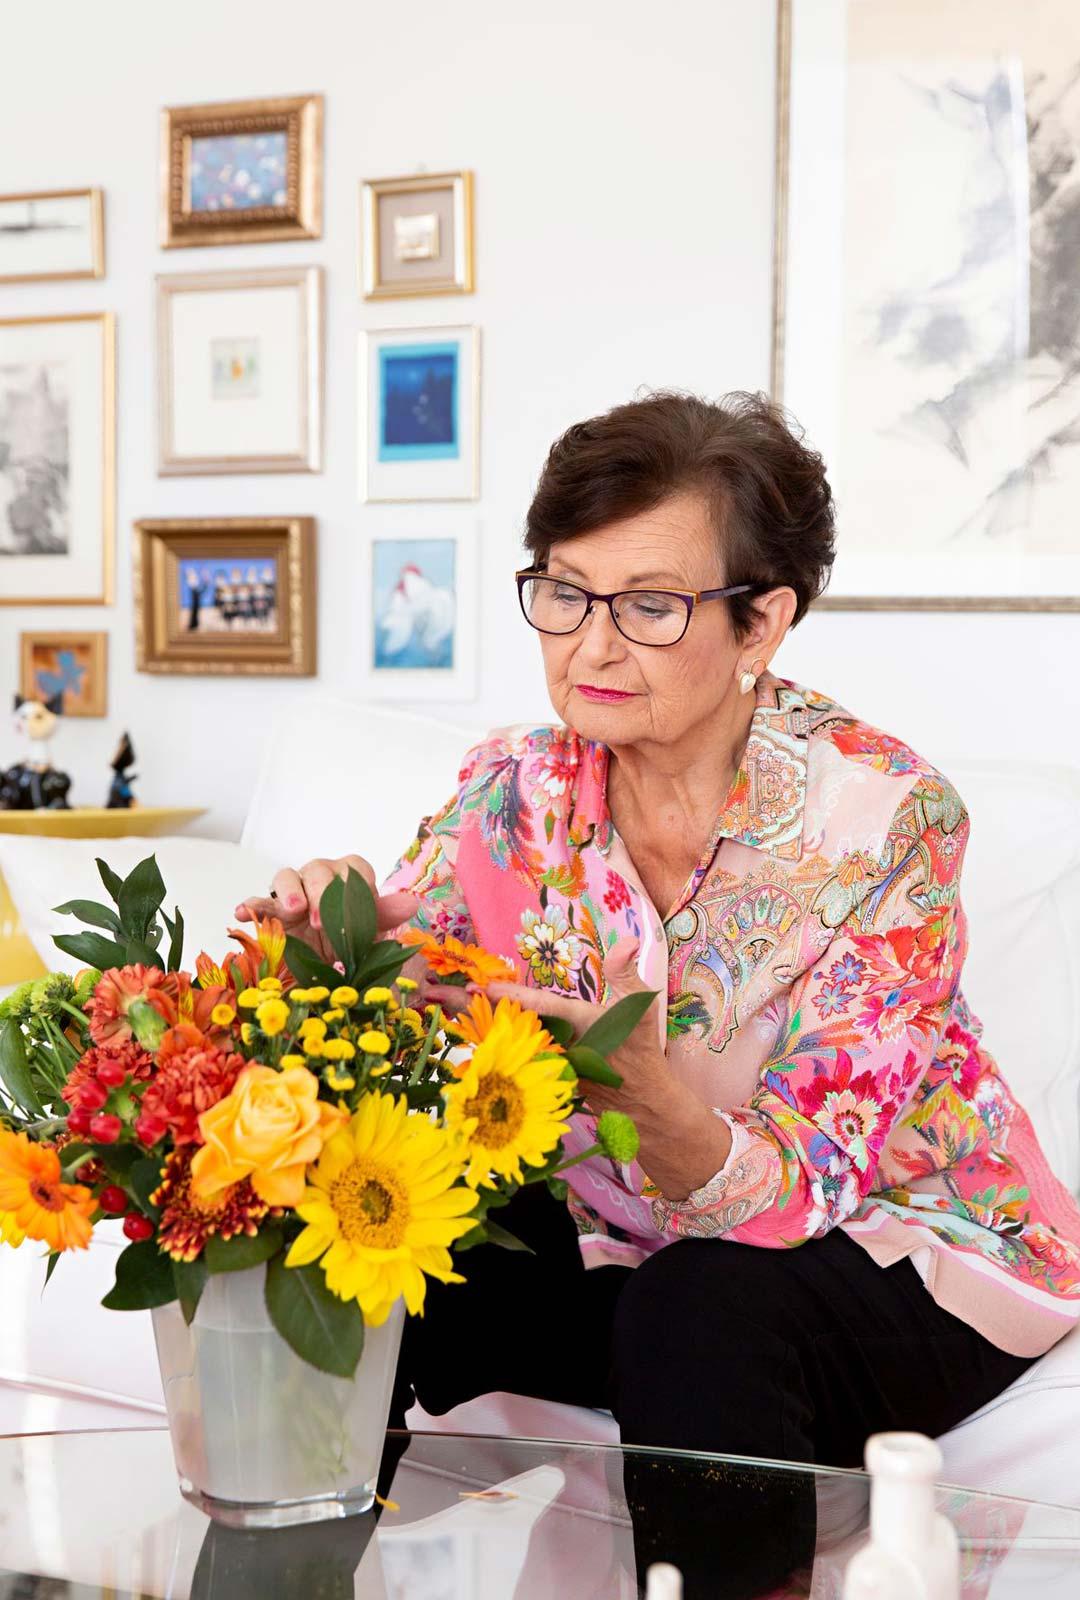 """Yksinäisyys ei sovi Aila Arajuurelle. """"Jos joudun olemaan yksin kotona muutamankin päivän, alkaa ahdistaa. Minun täytyy saada nähdä ihmisiä."""""""